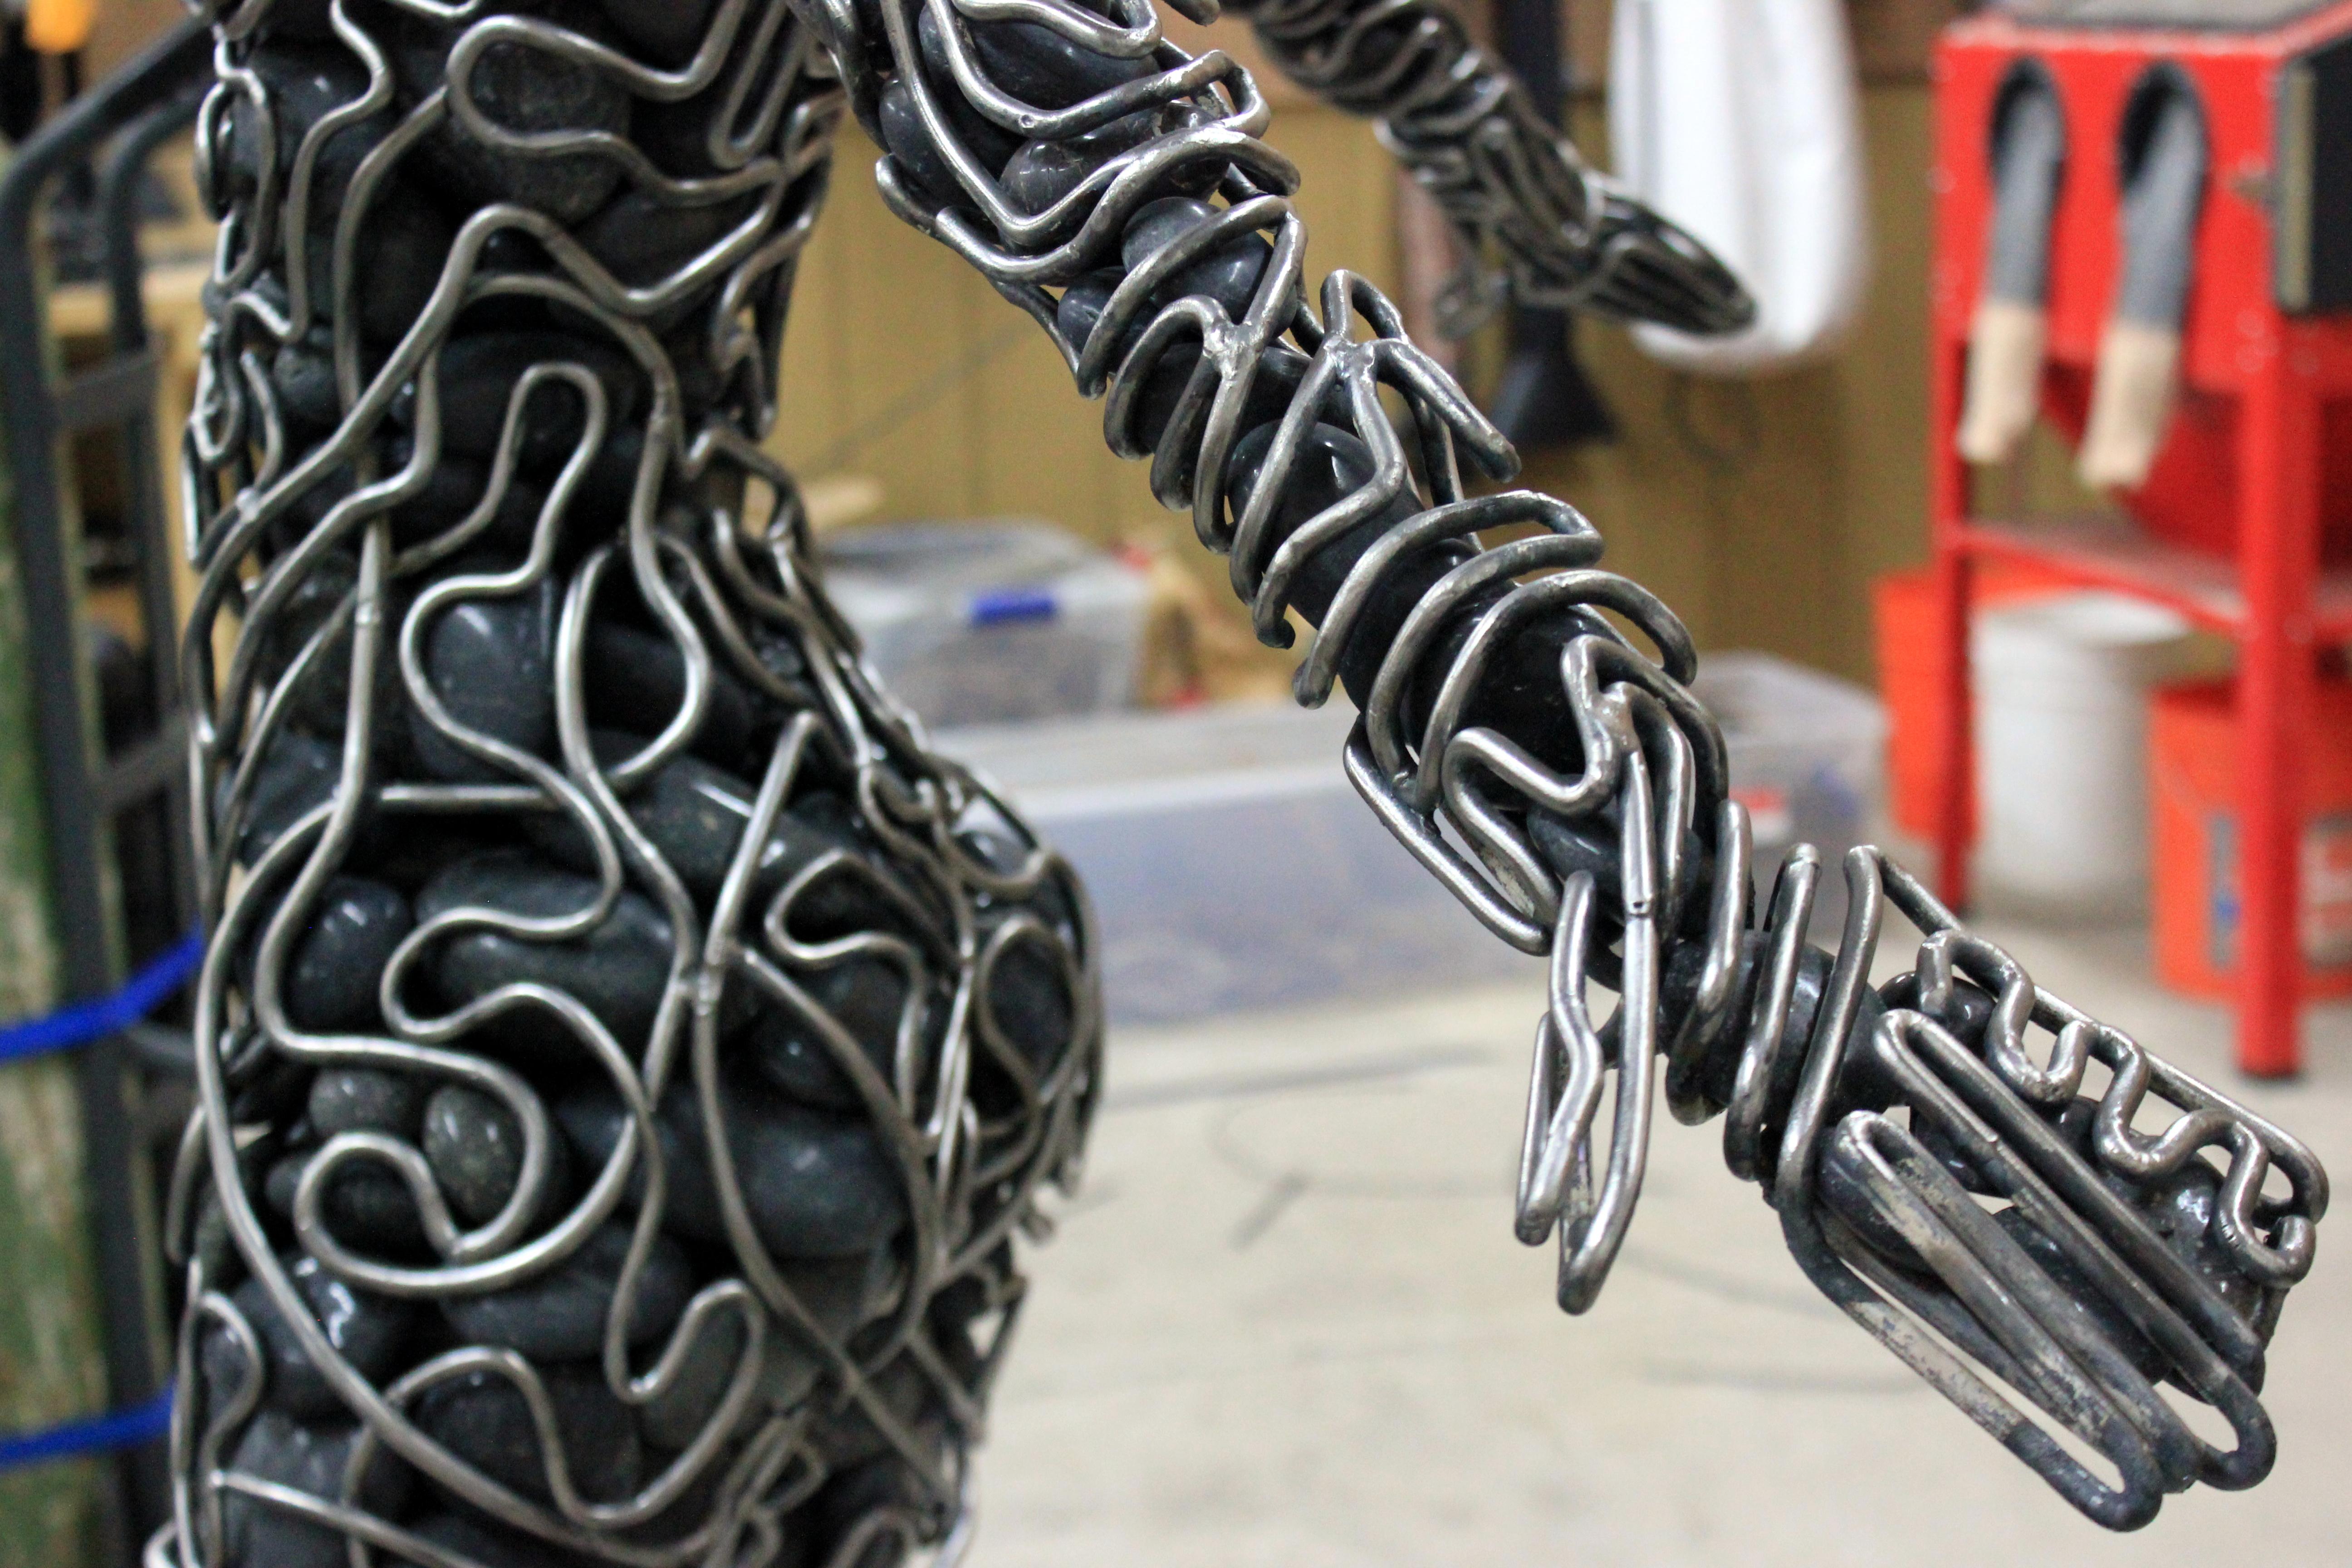 McCallister Sculpture - Woman Figure details